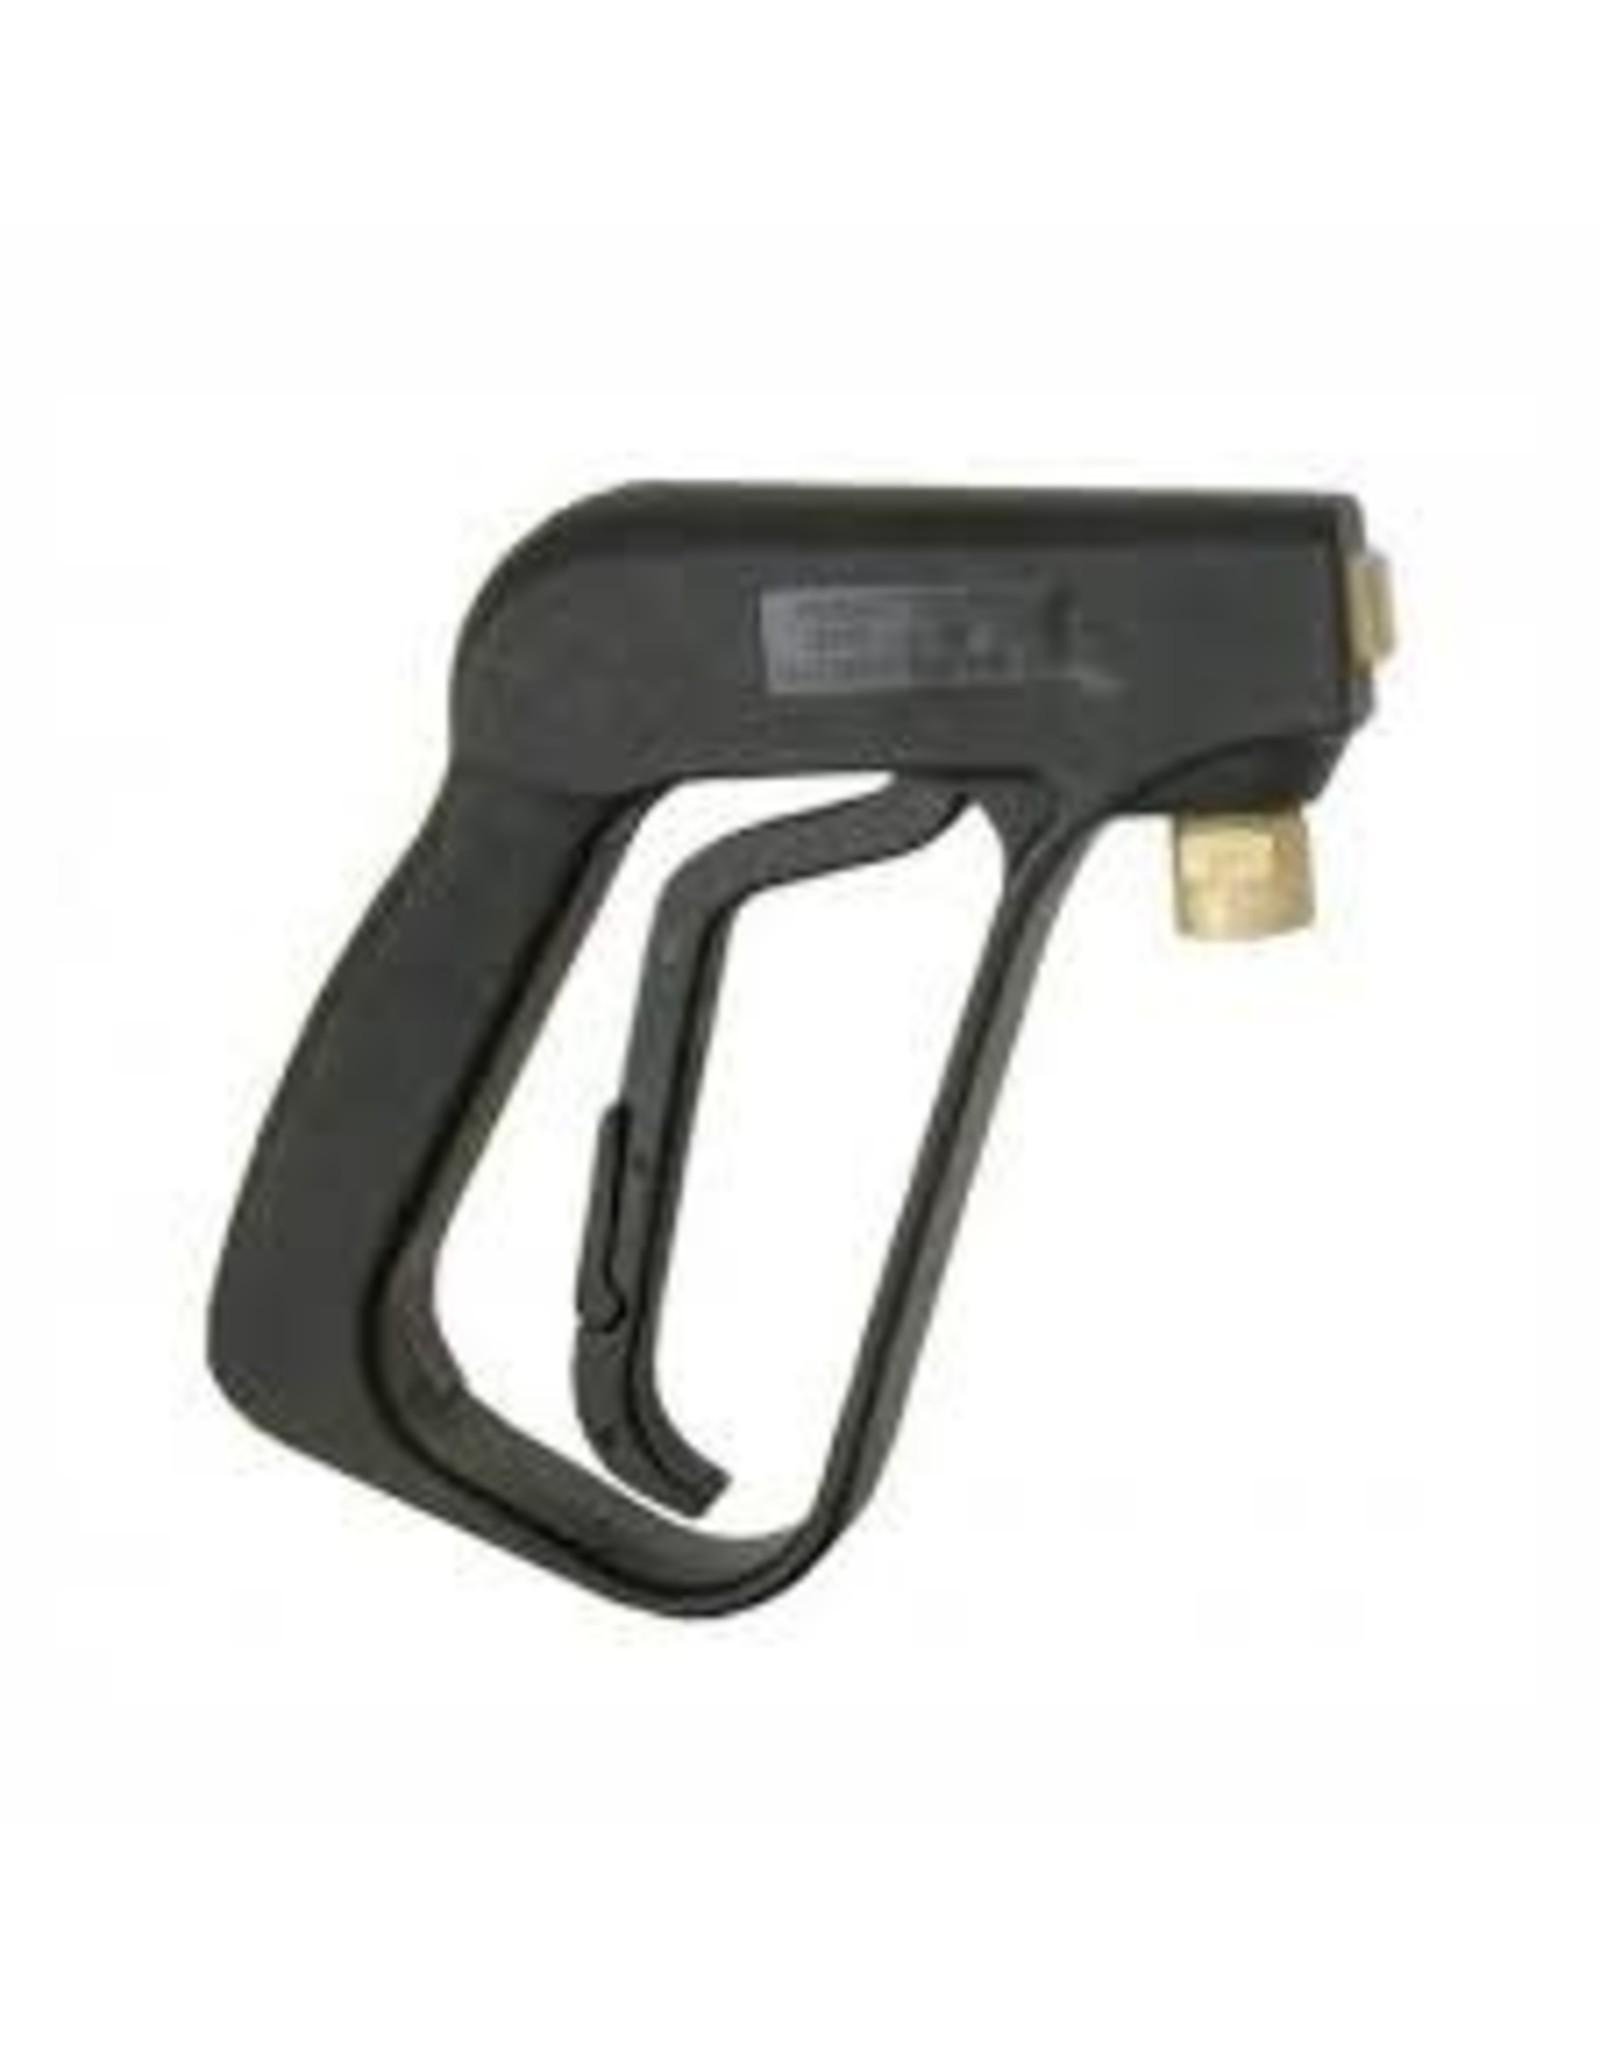 BE 85.202.018 PW Gun